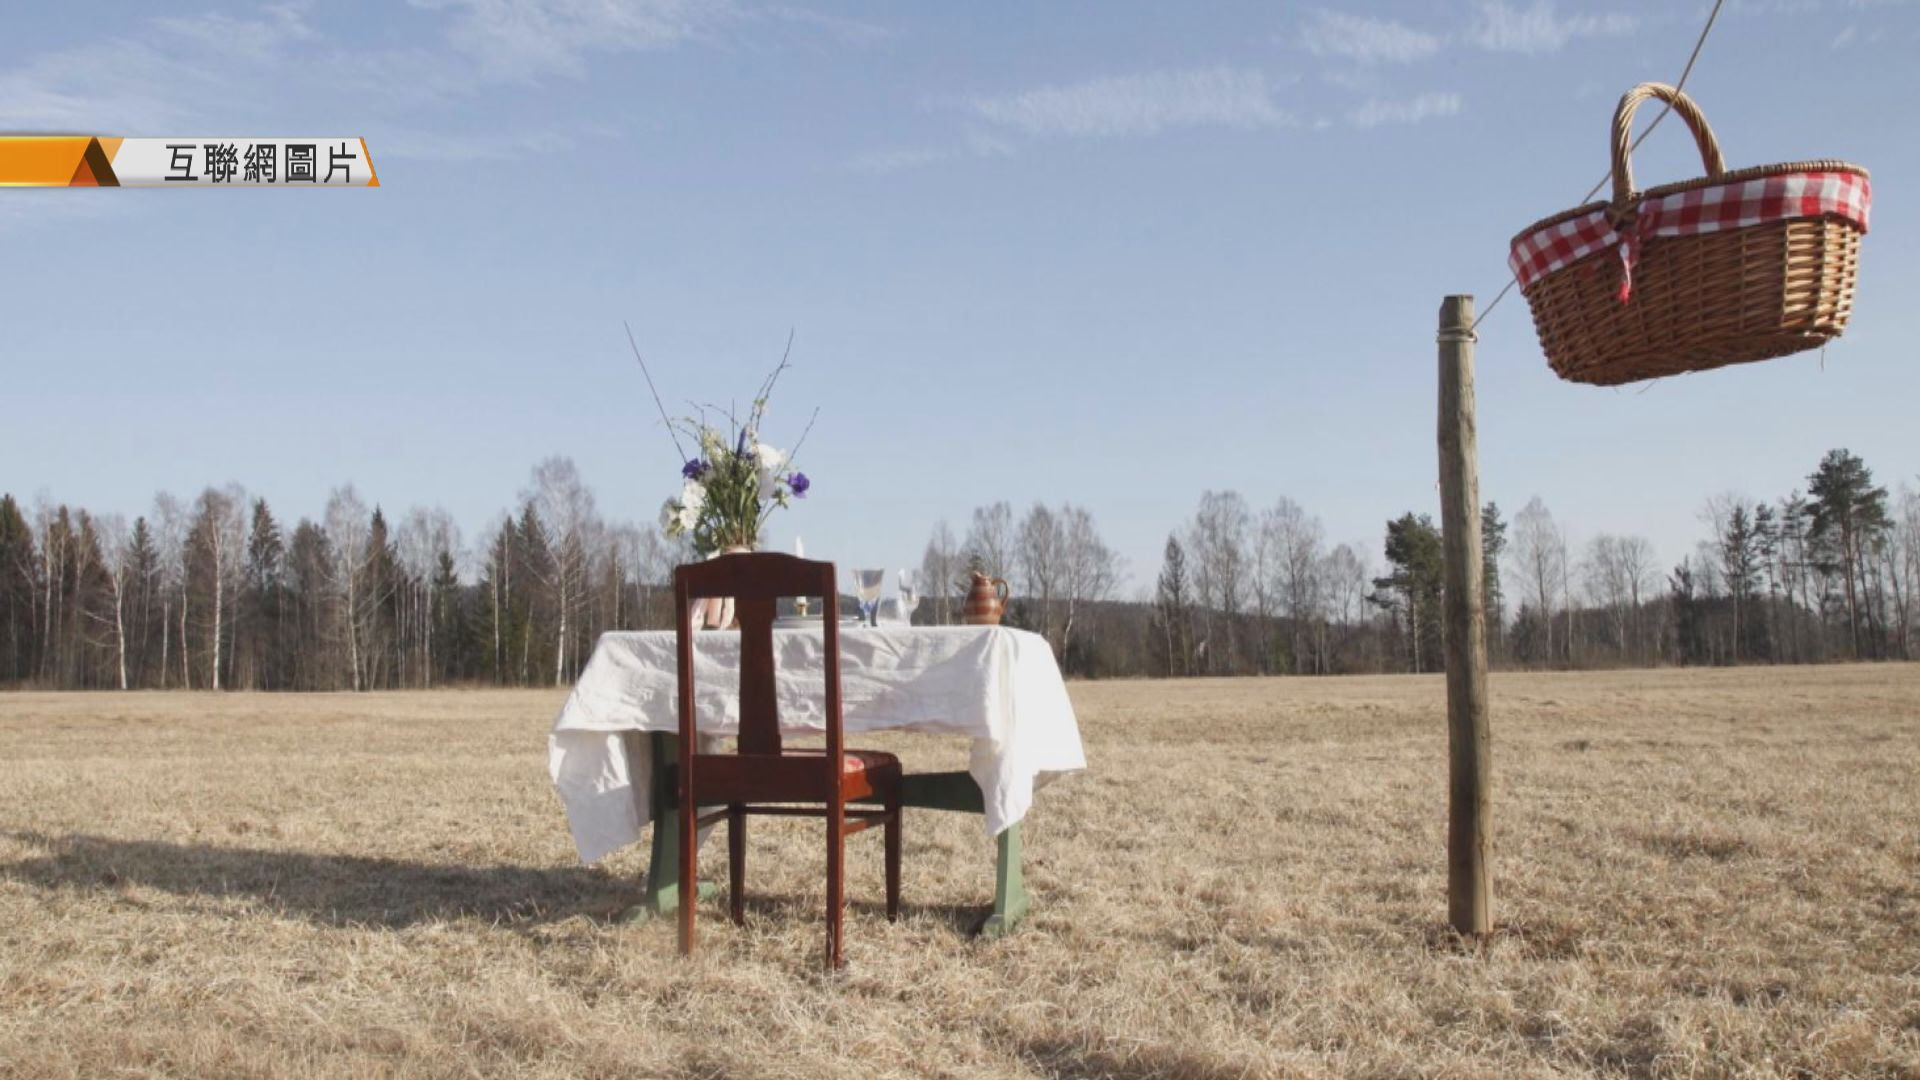 【環球薈報】瑞典情侶疫情下開設「一人餐桌」餐廳